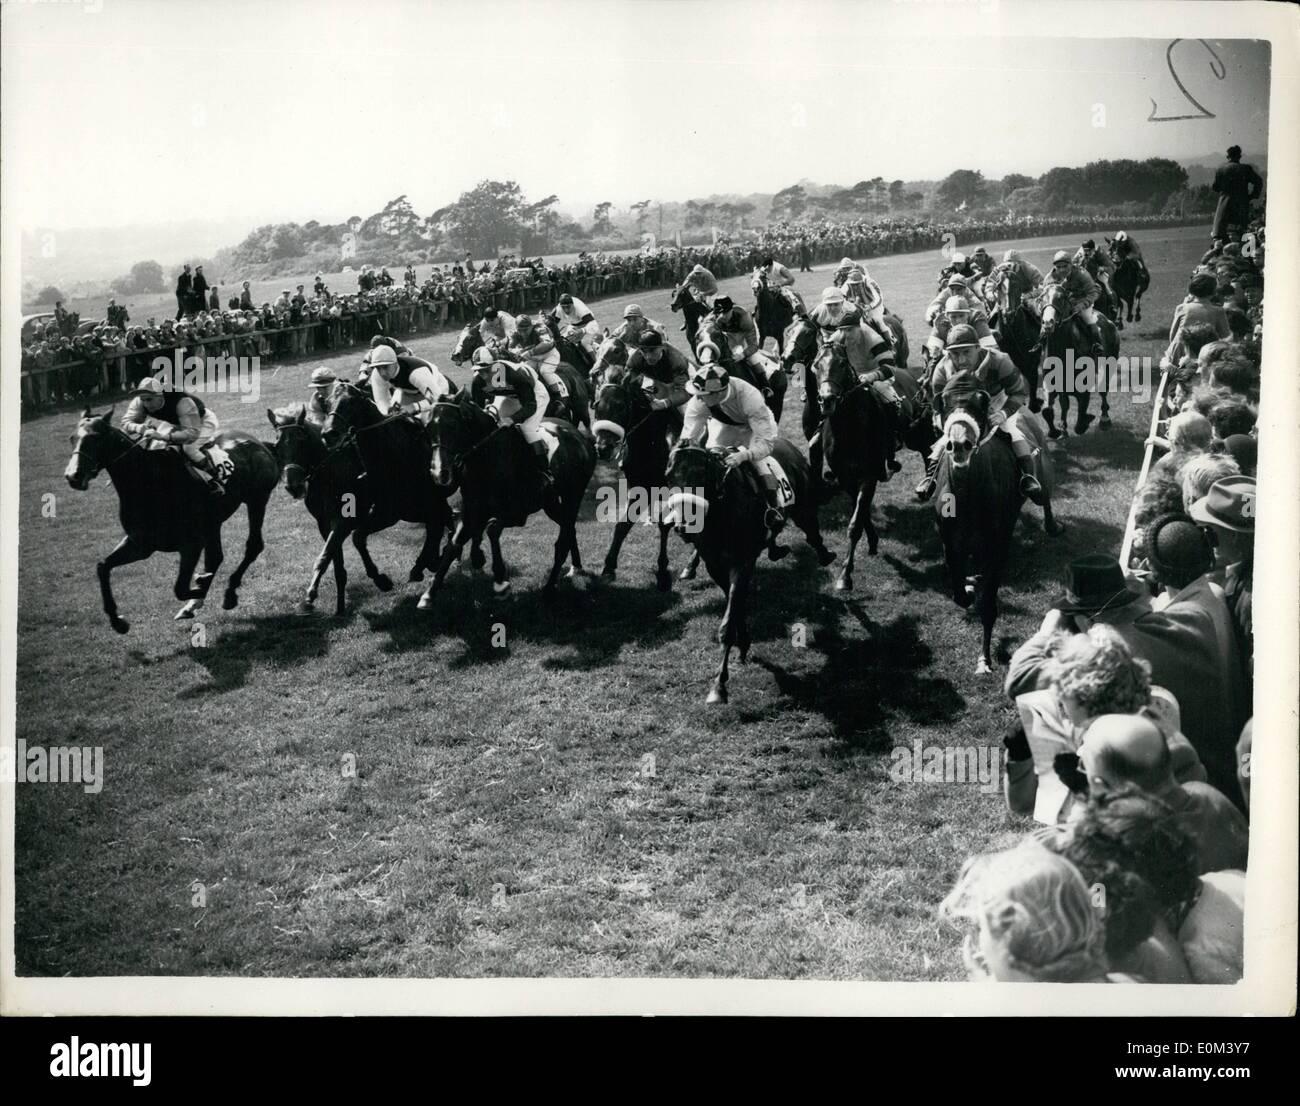 6. Juni 1953 - Gordon Richards gewinnt seinen ersten Derby der Königin, dem zweiten Pferd: Gordon Richards, der Champion Jockey gewann heute sein erste Derby auf Sir V. Sassoon '' Pinza''. mit der Königin Pferd Zweitens '' Aureole'' und '' rosa Pferd '' Dritte. Foto zeigt: Das Derby Feld im Mile Post während heutige große Rennen gesehen. Stockbild